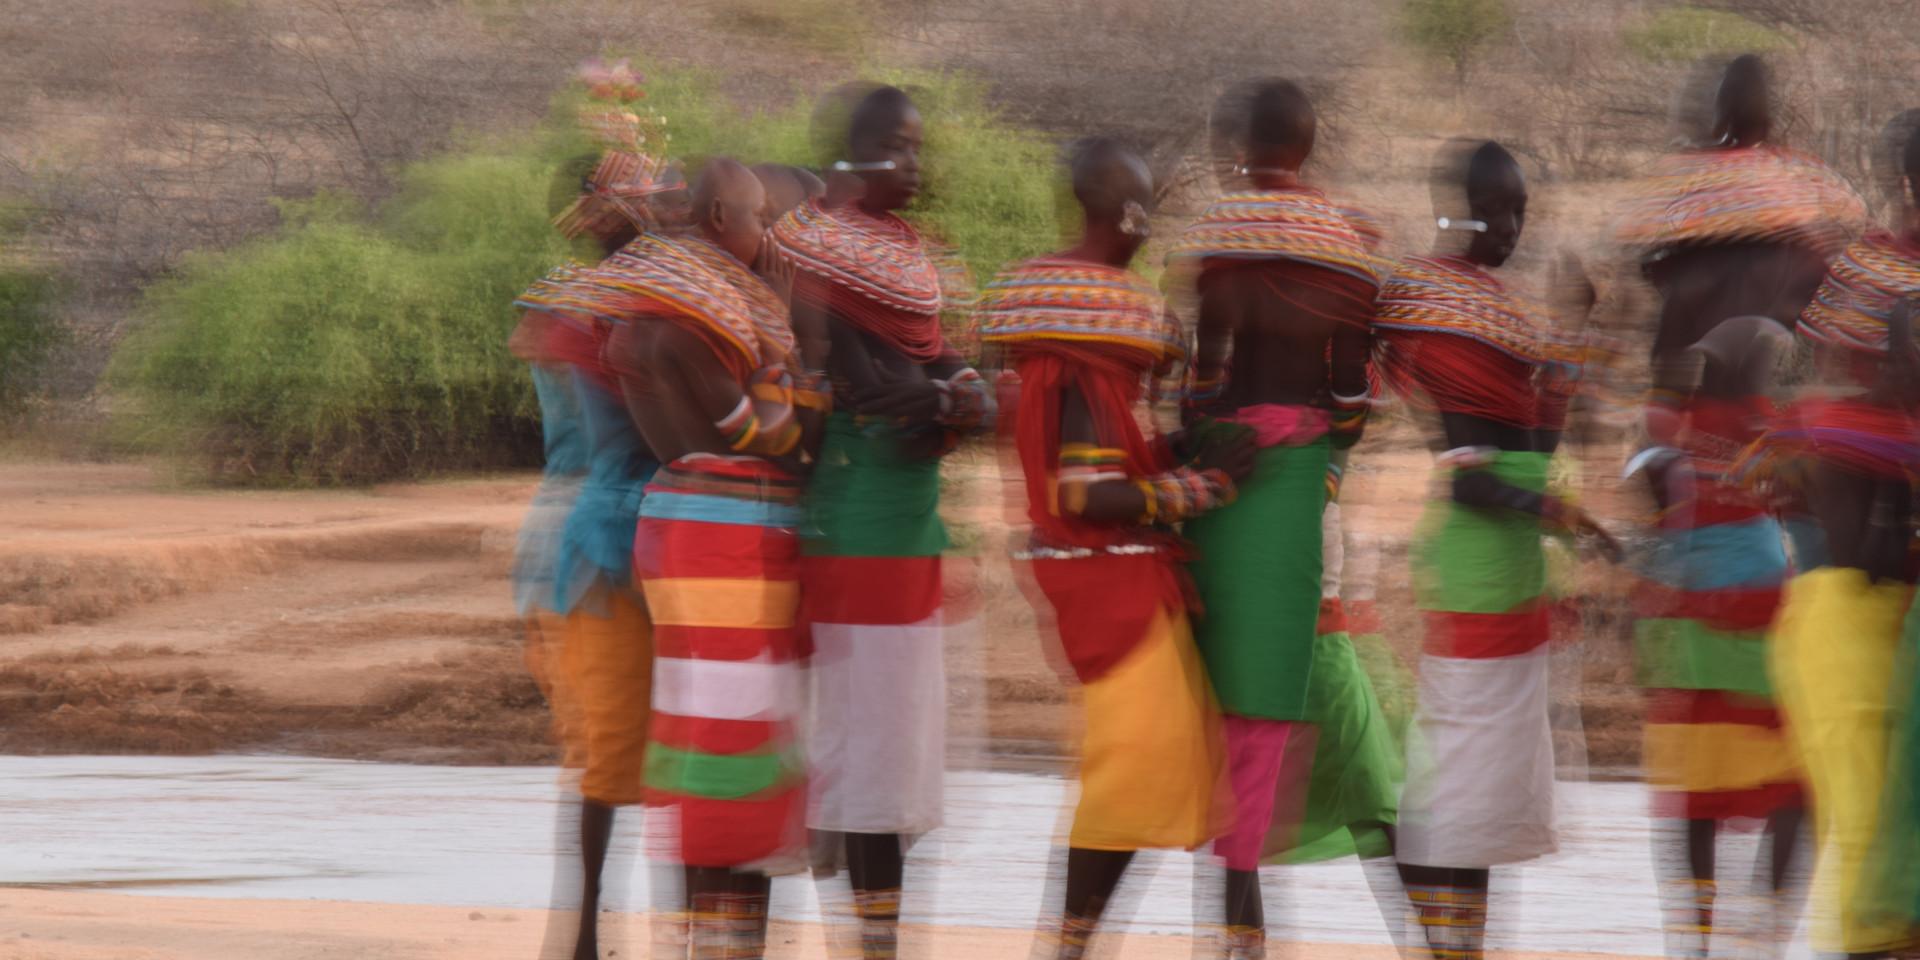 dancing in line